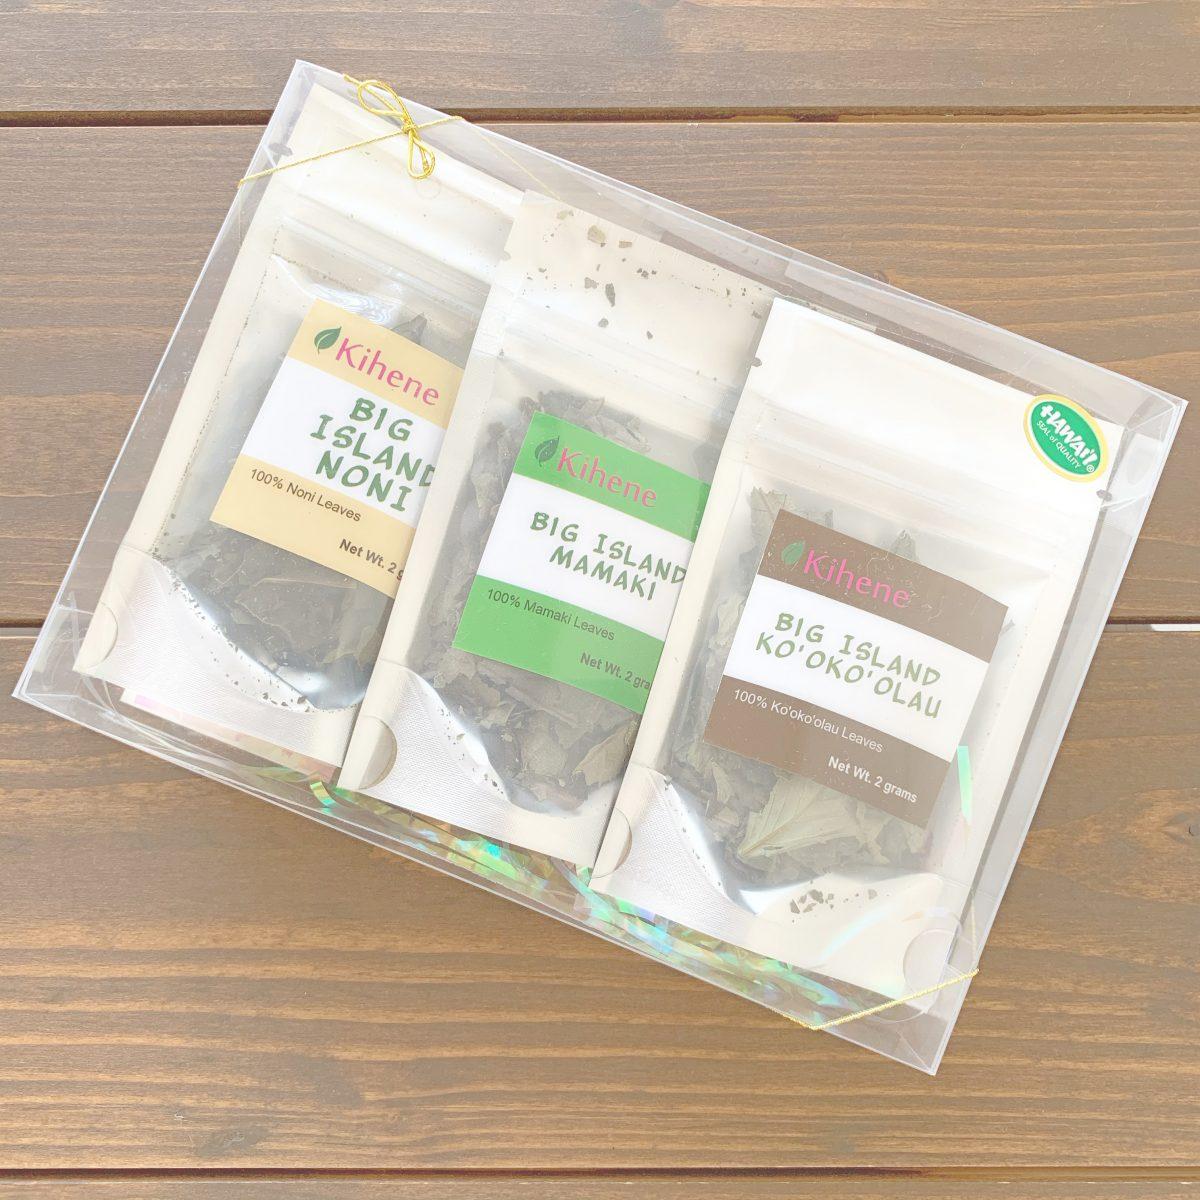 キヘネのママキ・ノニ・コオコオラウティー茶葉各2g詰め合わせ